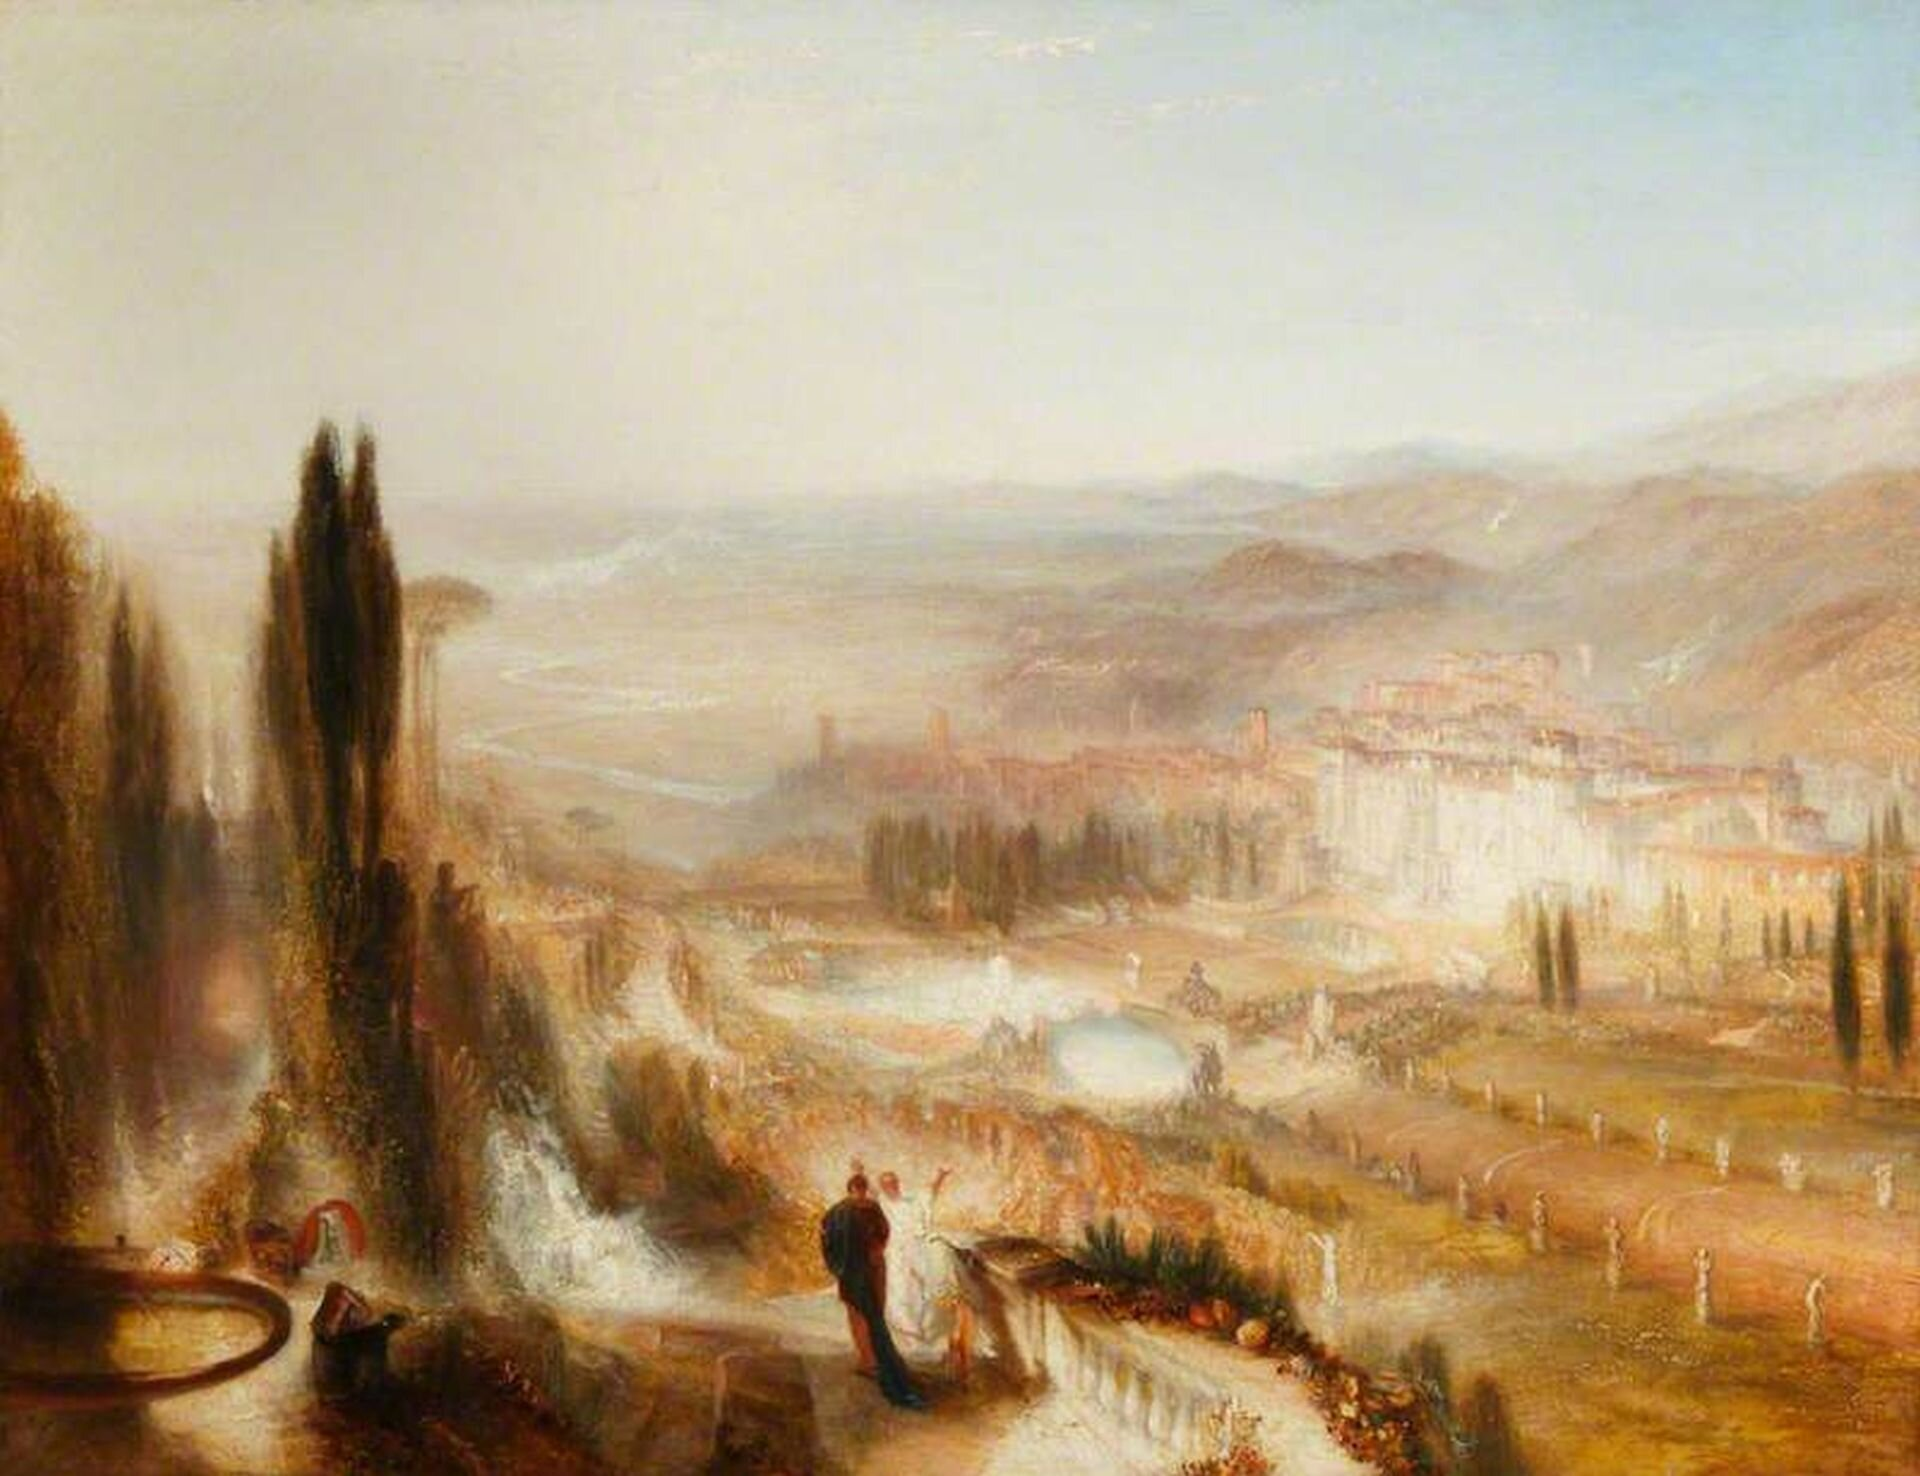 """Ilustracja przedstawia obraz """"Cicero wswojej willi wTusculum"""" autorstwa Josepha Mallorda Williama Turnera. Obraz pokazuje widok na dolinę, wktórej znajduje się miasto. Przed nim znajduje się brukowana droga. Udołu obrazu widać dwie osoby, które przechadzają się po posiadłości."""